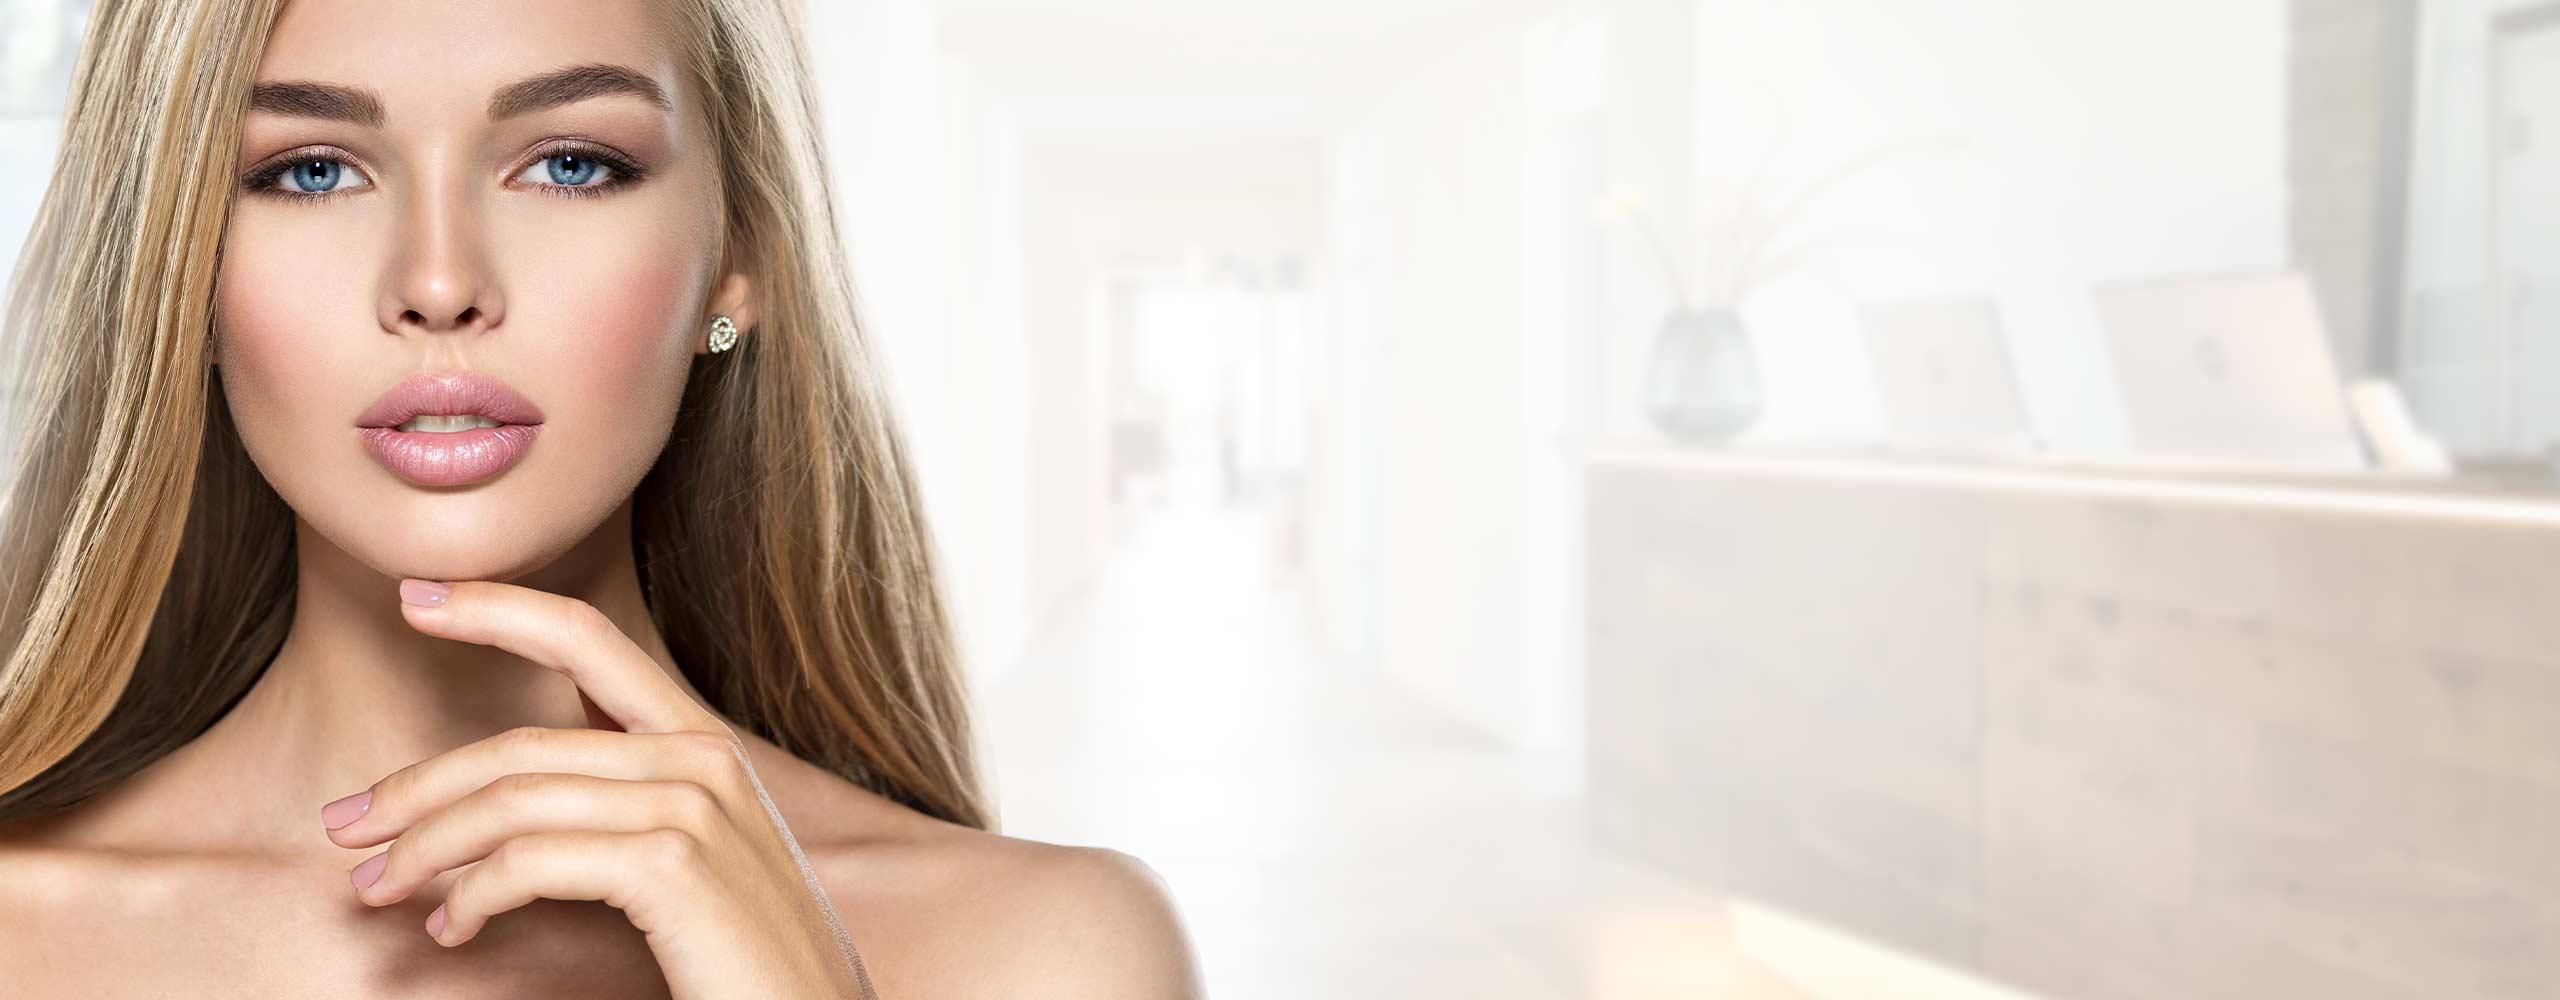 proaesthetic heidelberg schoenheitsklinik unterspritzungen erdbeerkinn